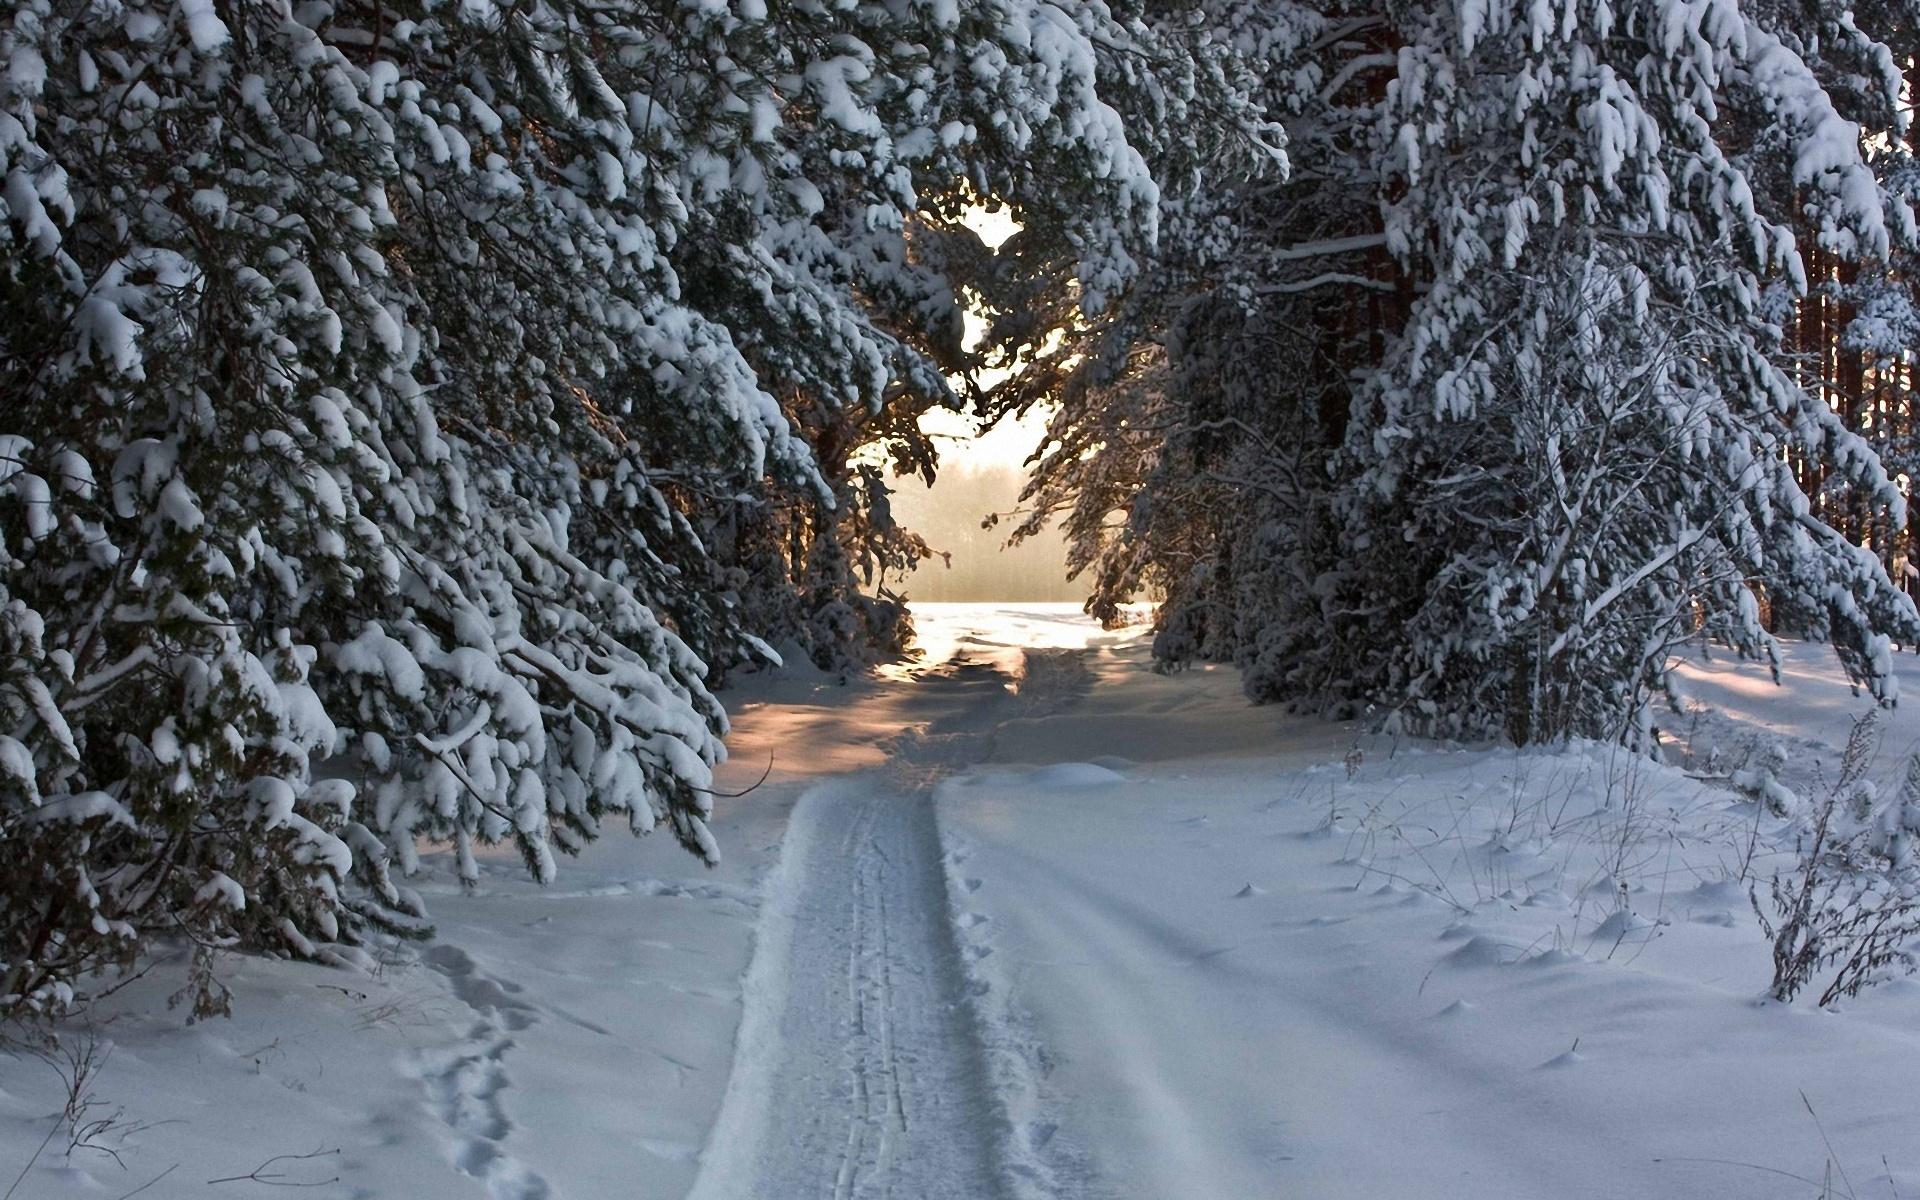 Wallpaper   ski track, winter, trees, snow covered, attire 1920x1200 ... 11cc22aca6a